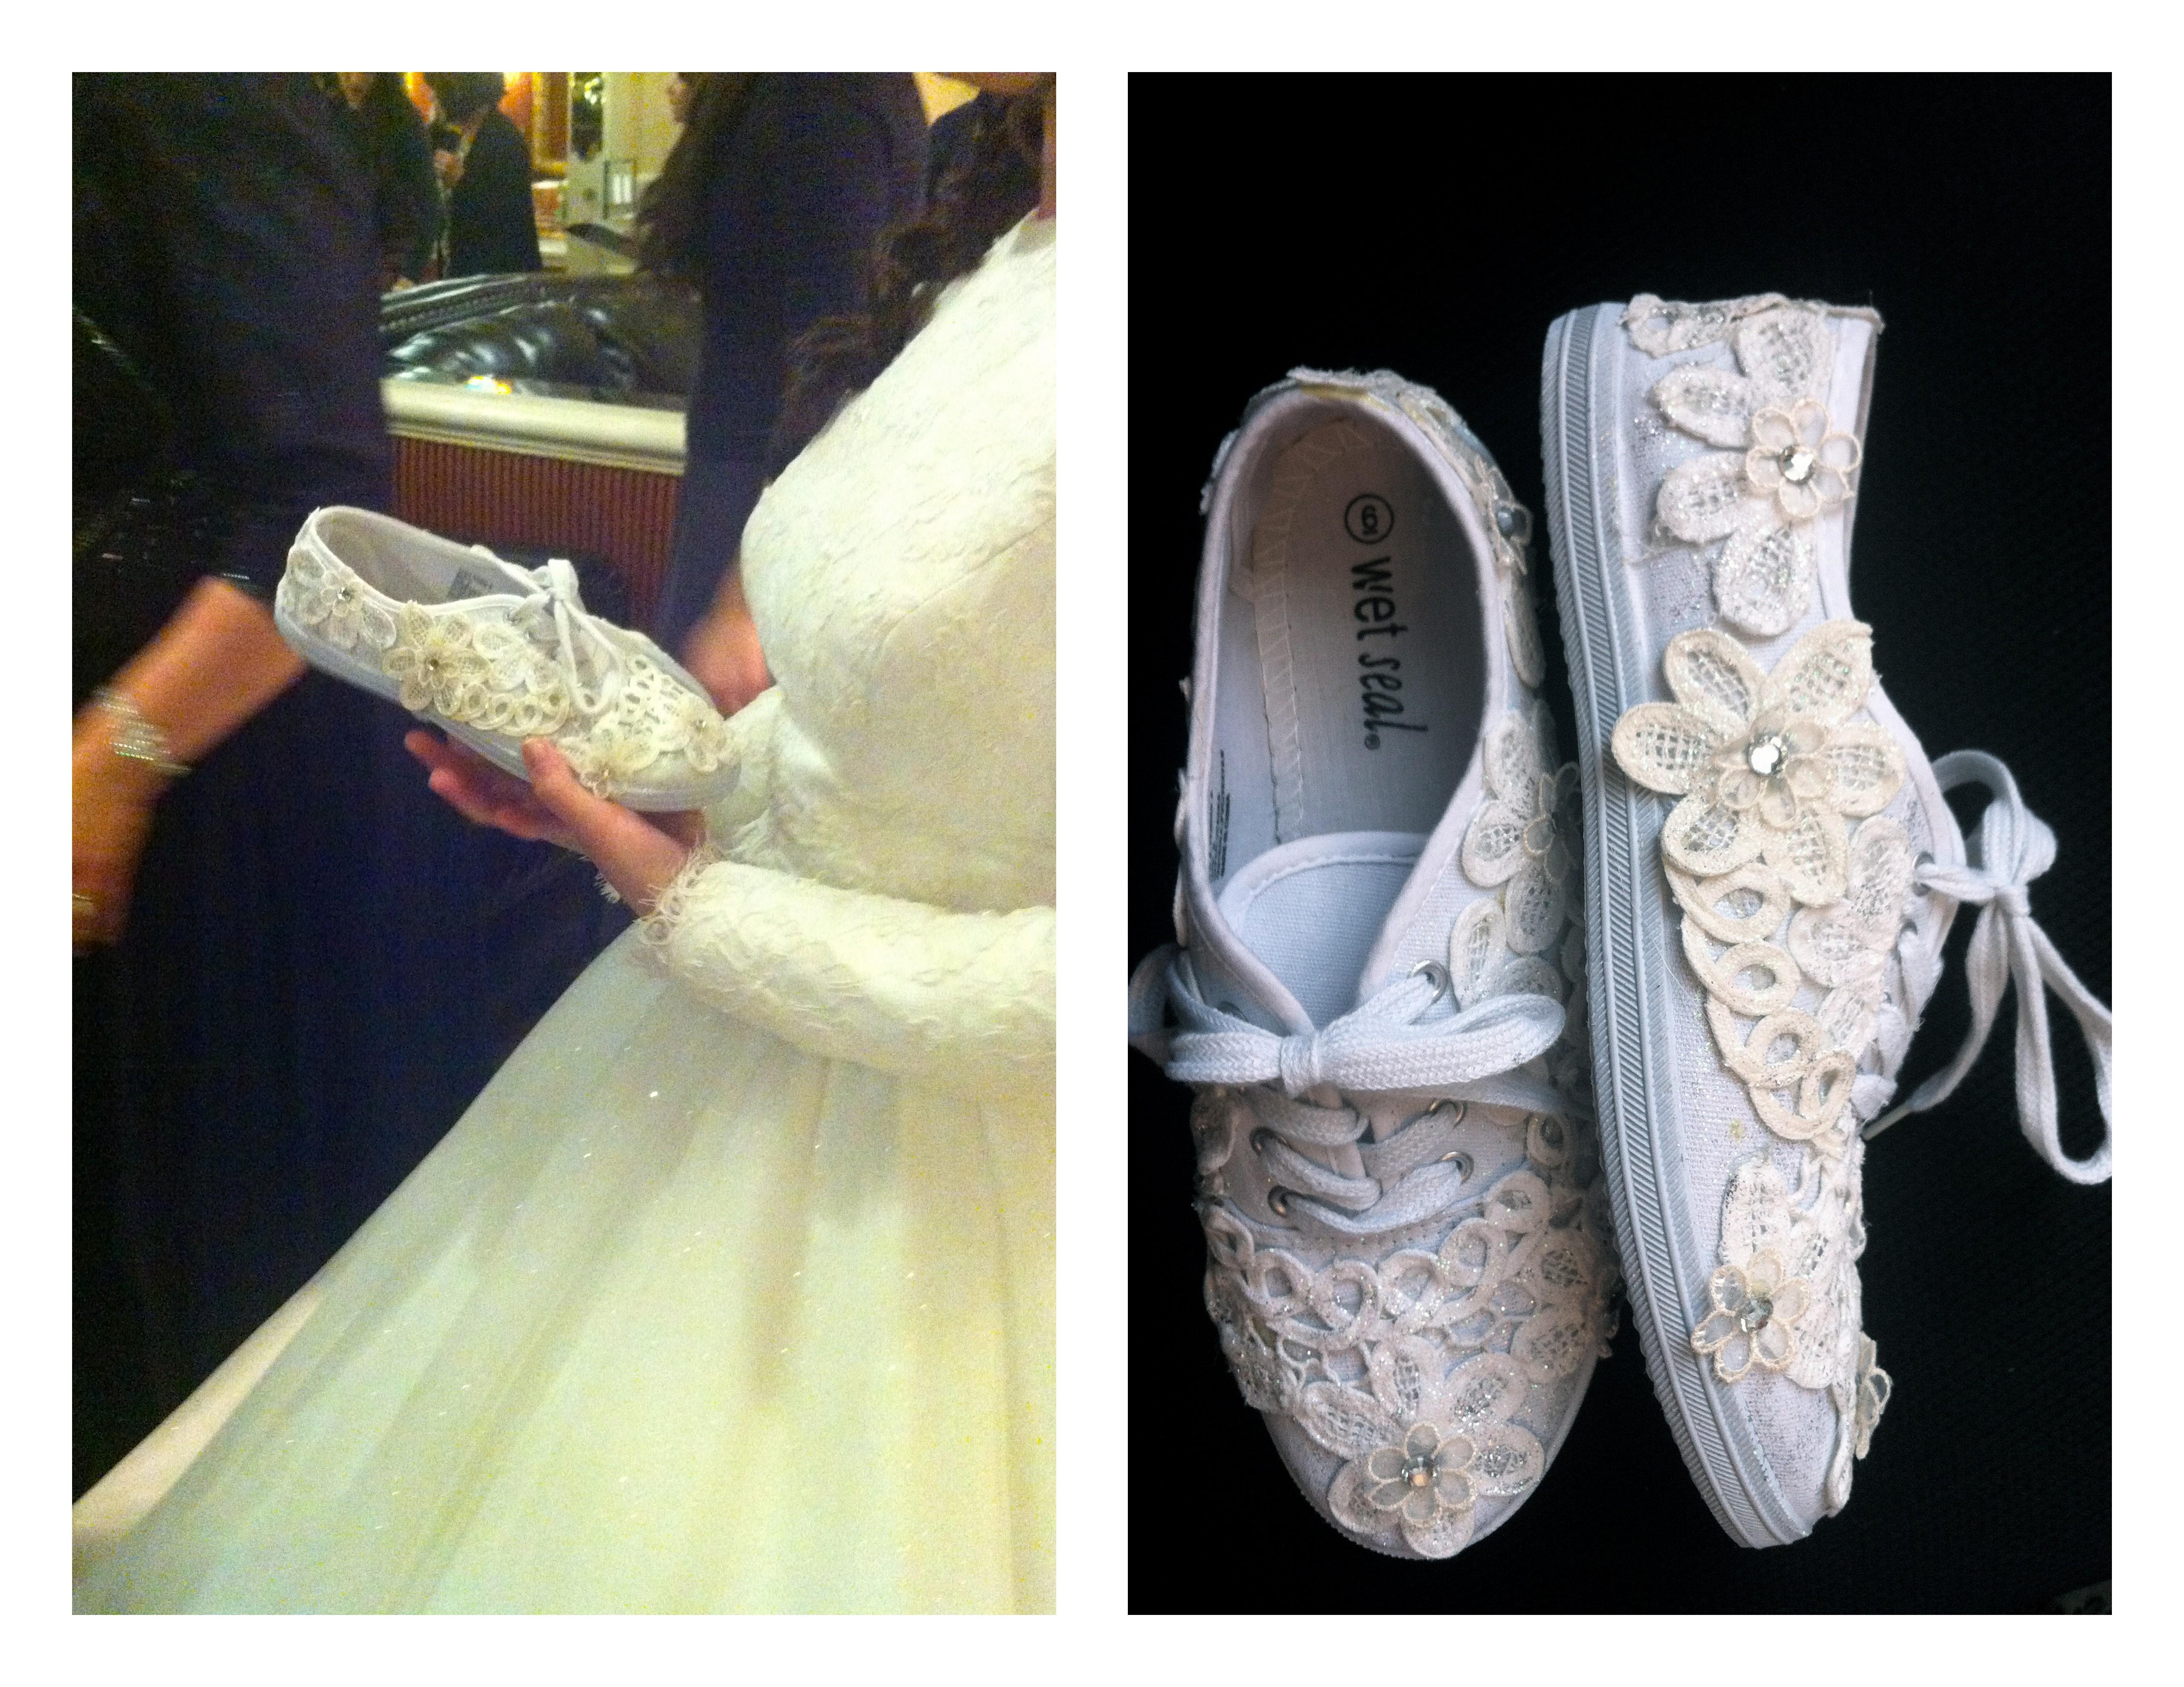 Keds Wedding Shoes 032 - Keds Wedding Shoes